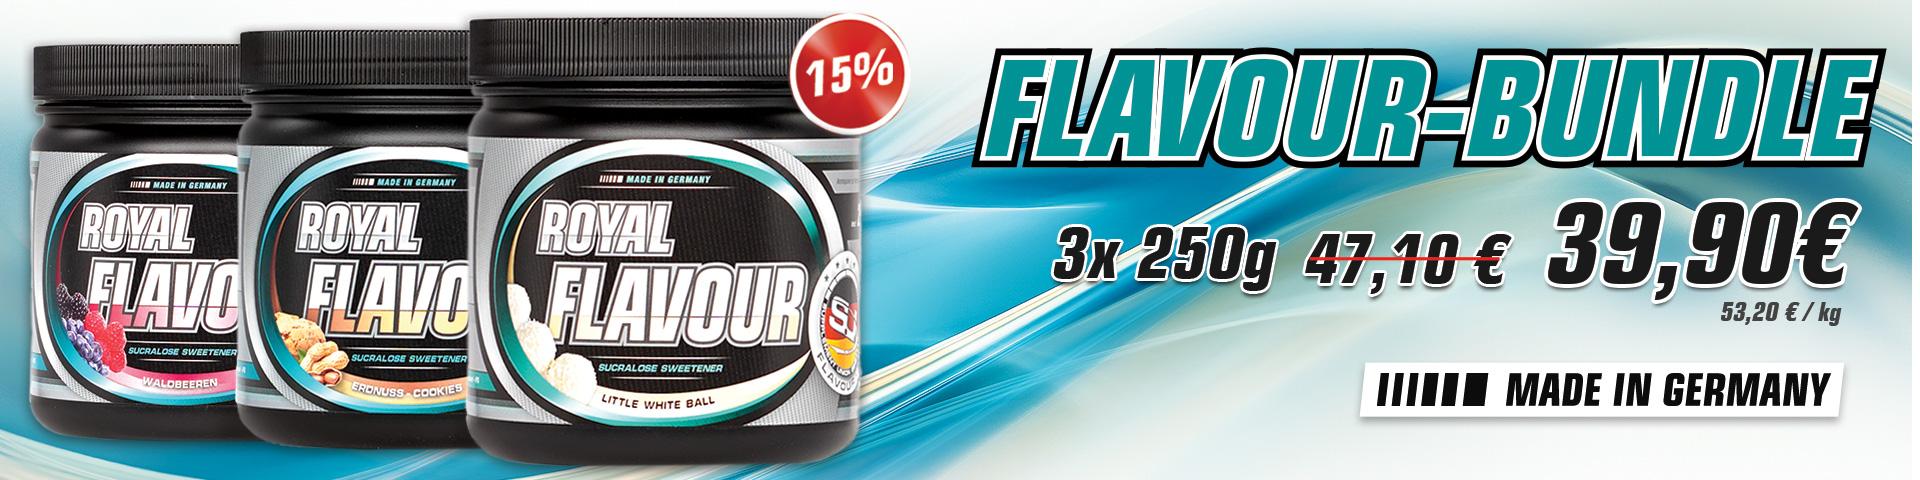 flavour-bundle-maerz-shop.jpg